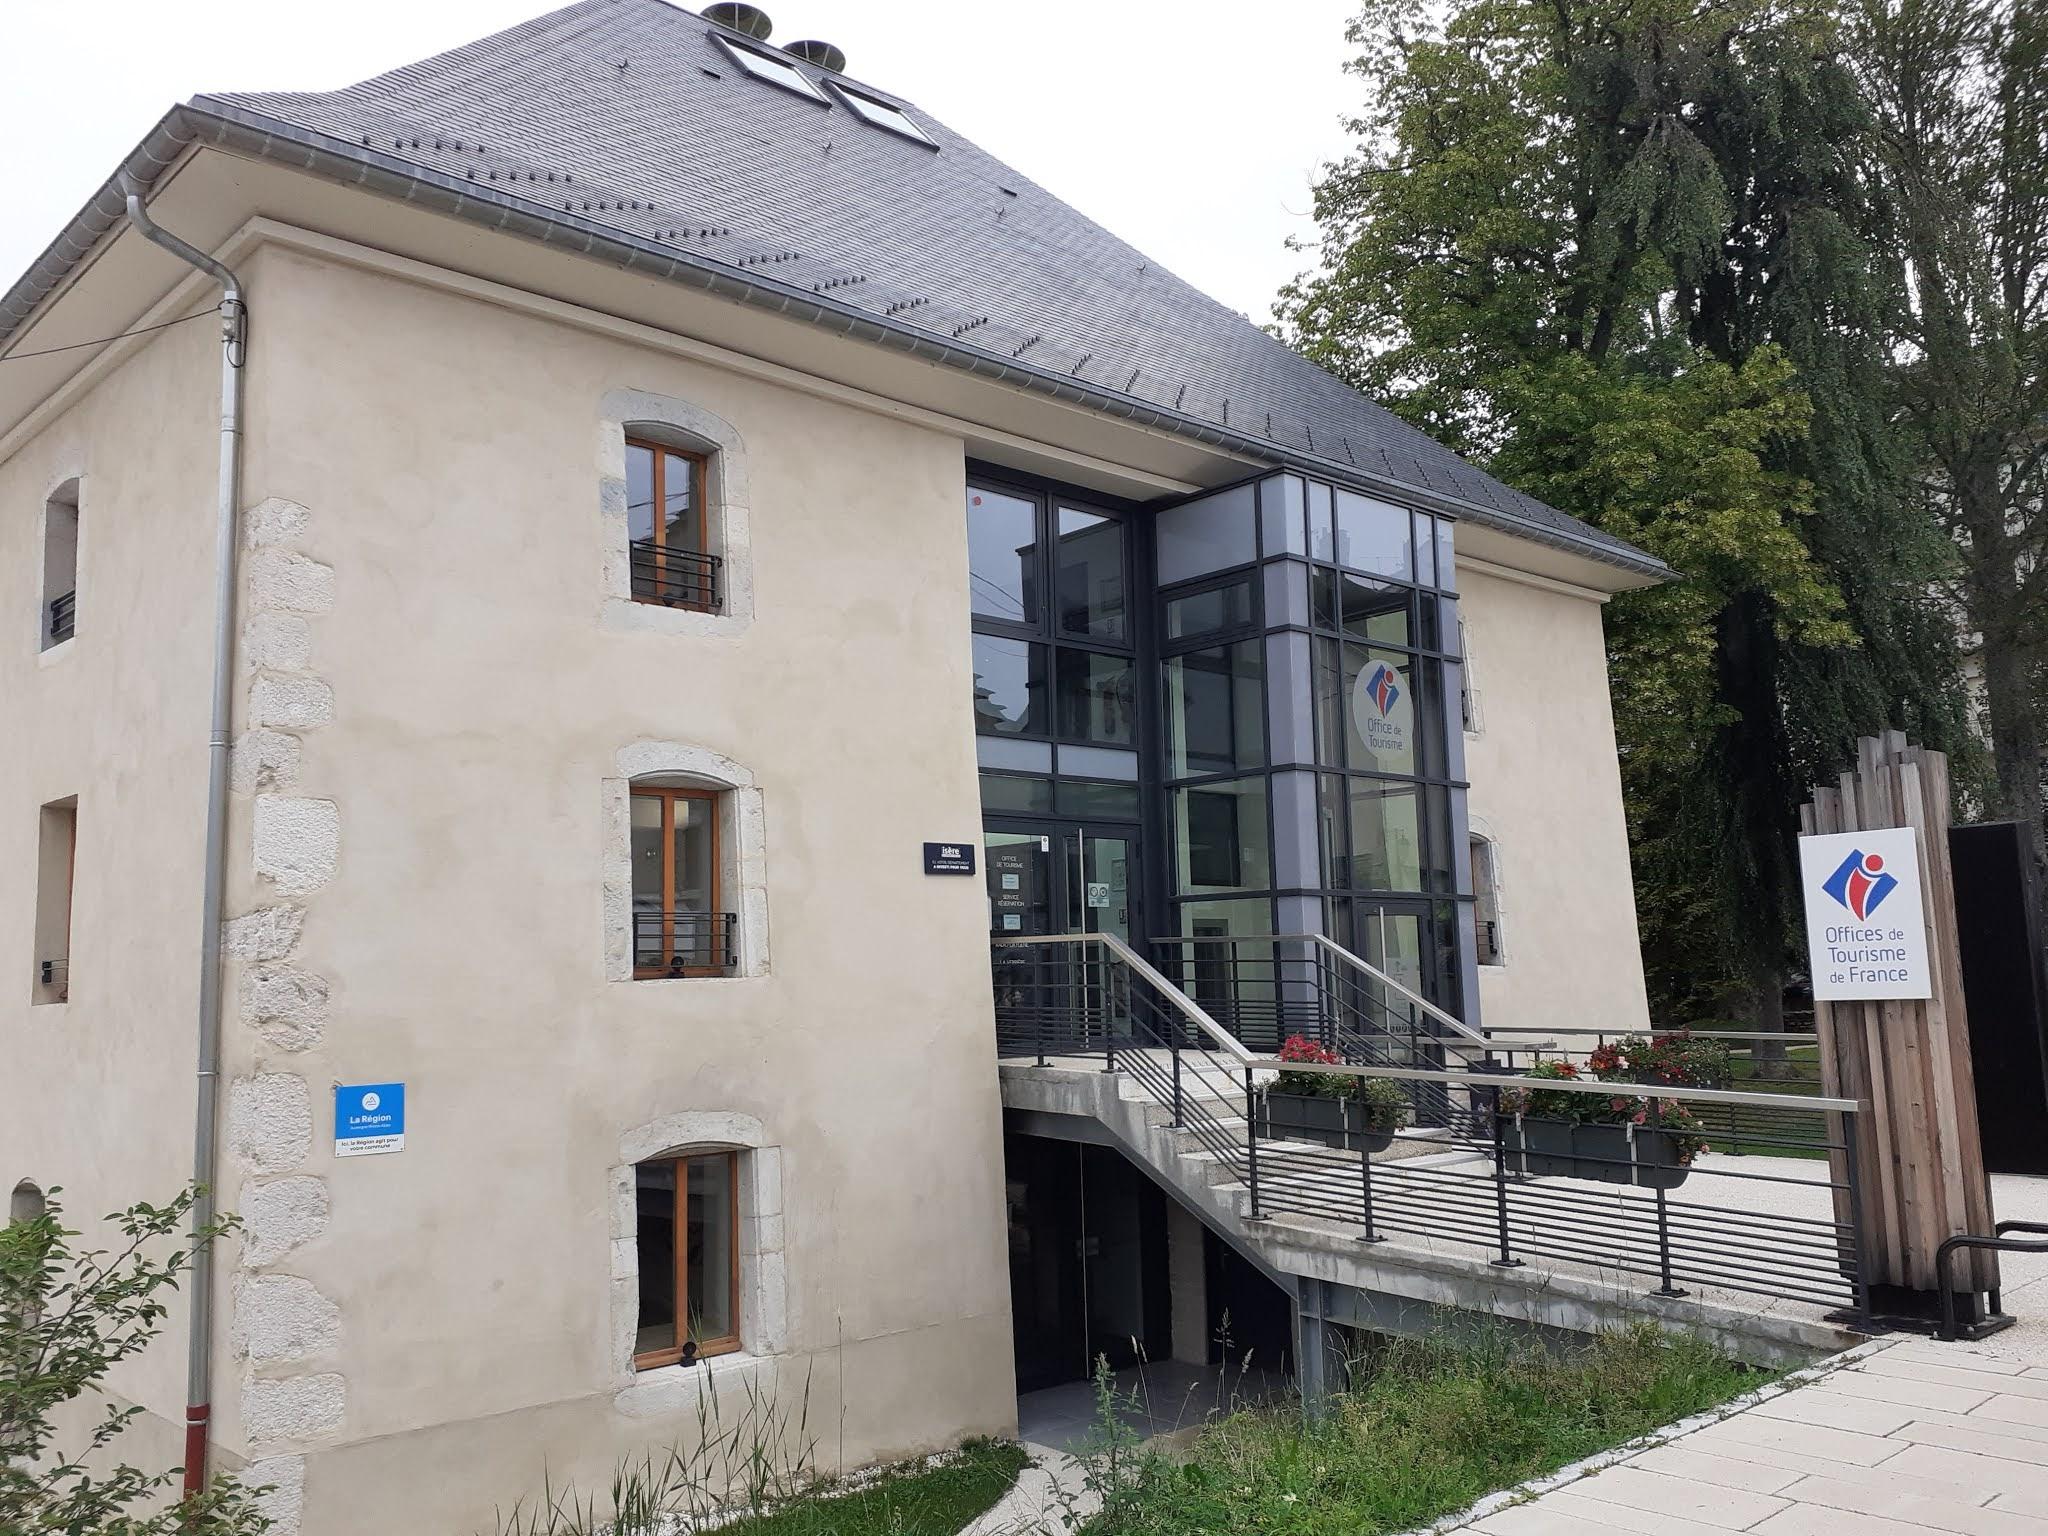 office du tourisme de Villard-de-Lans